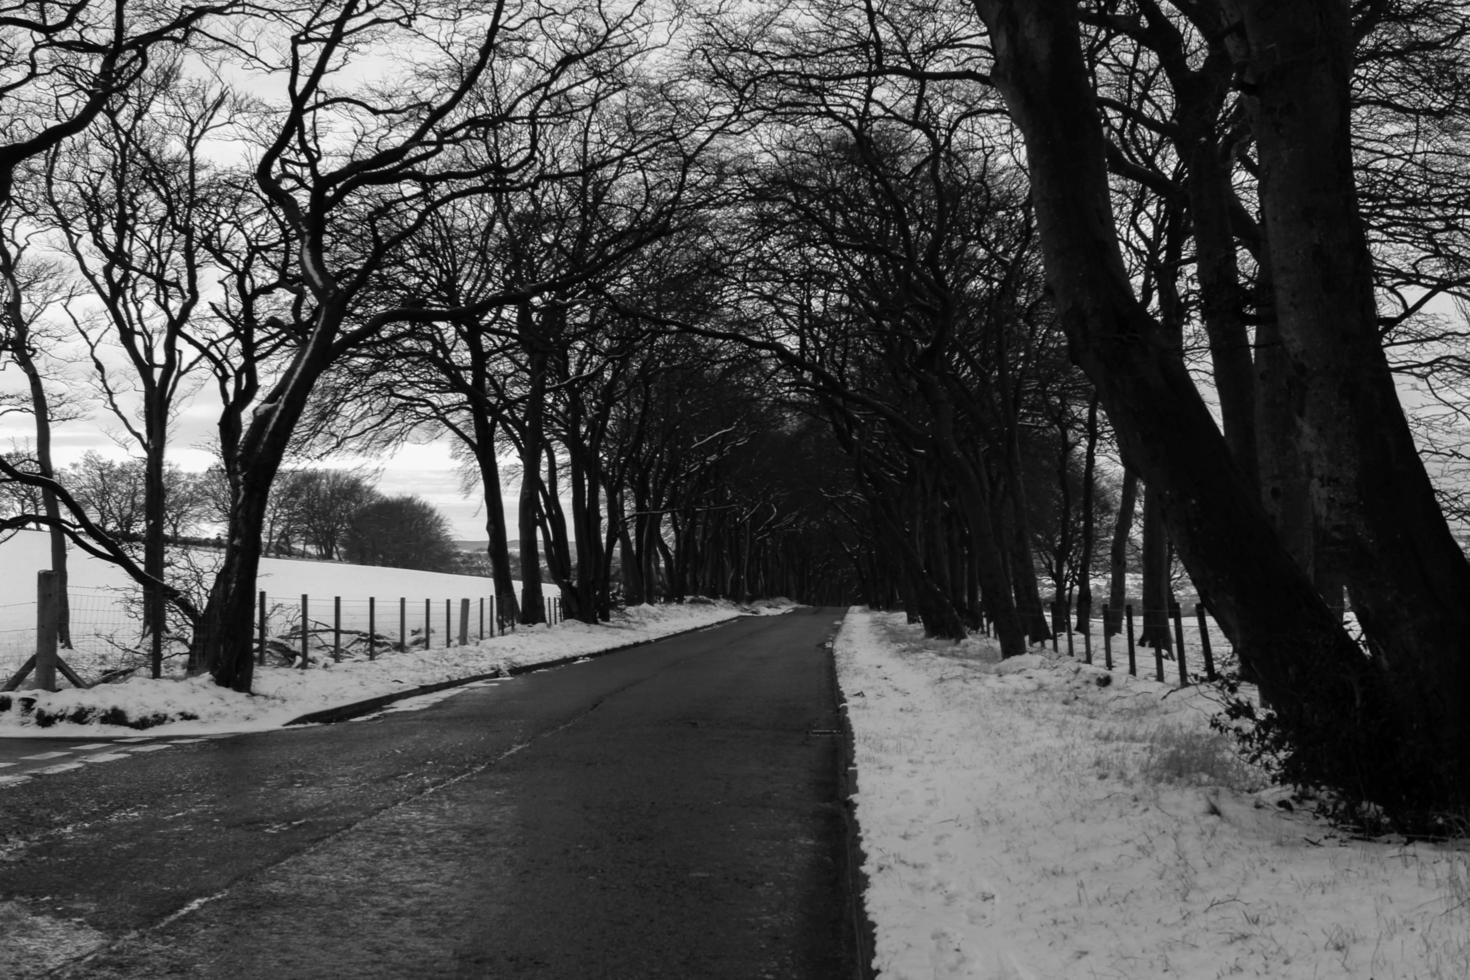 Graustufenfoto der Straße zwischen schneebedeckter Landschaft foto